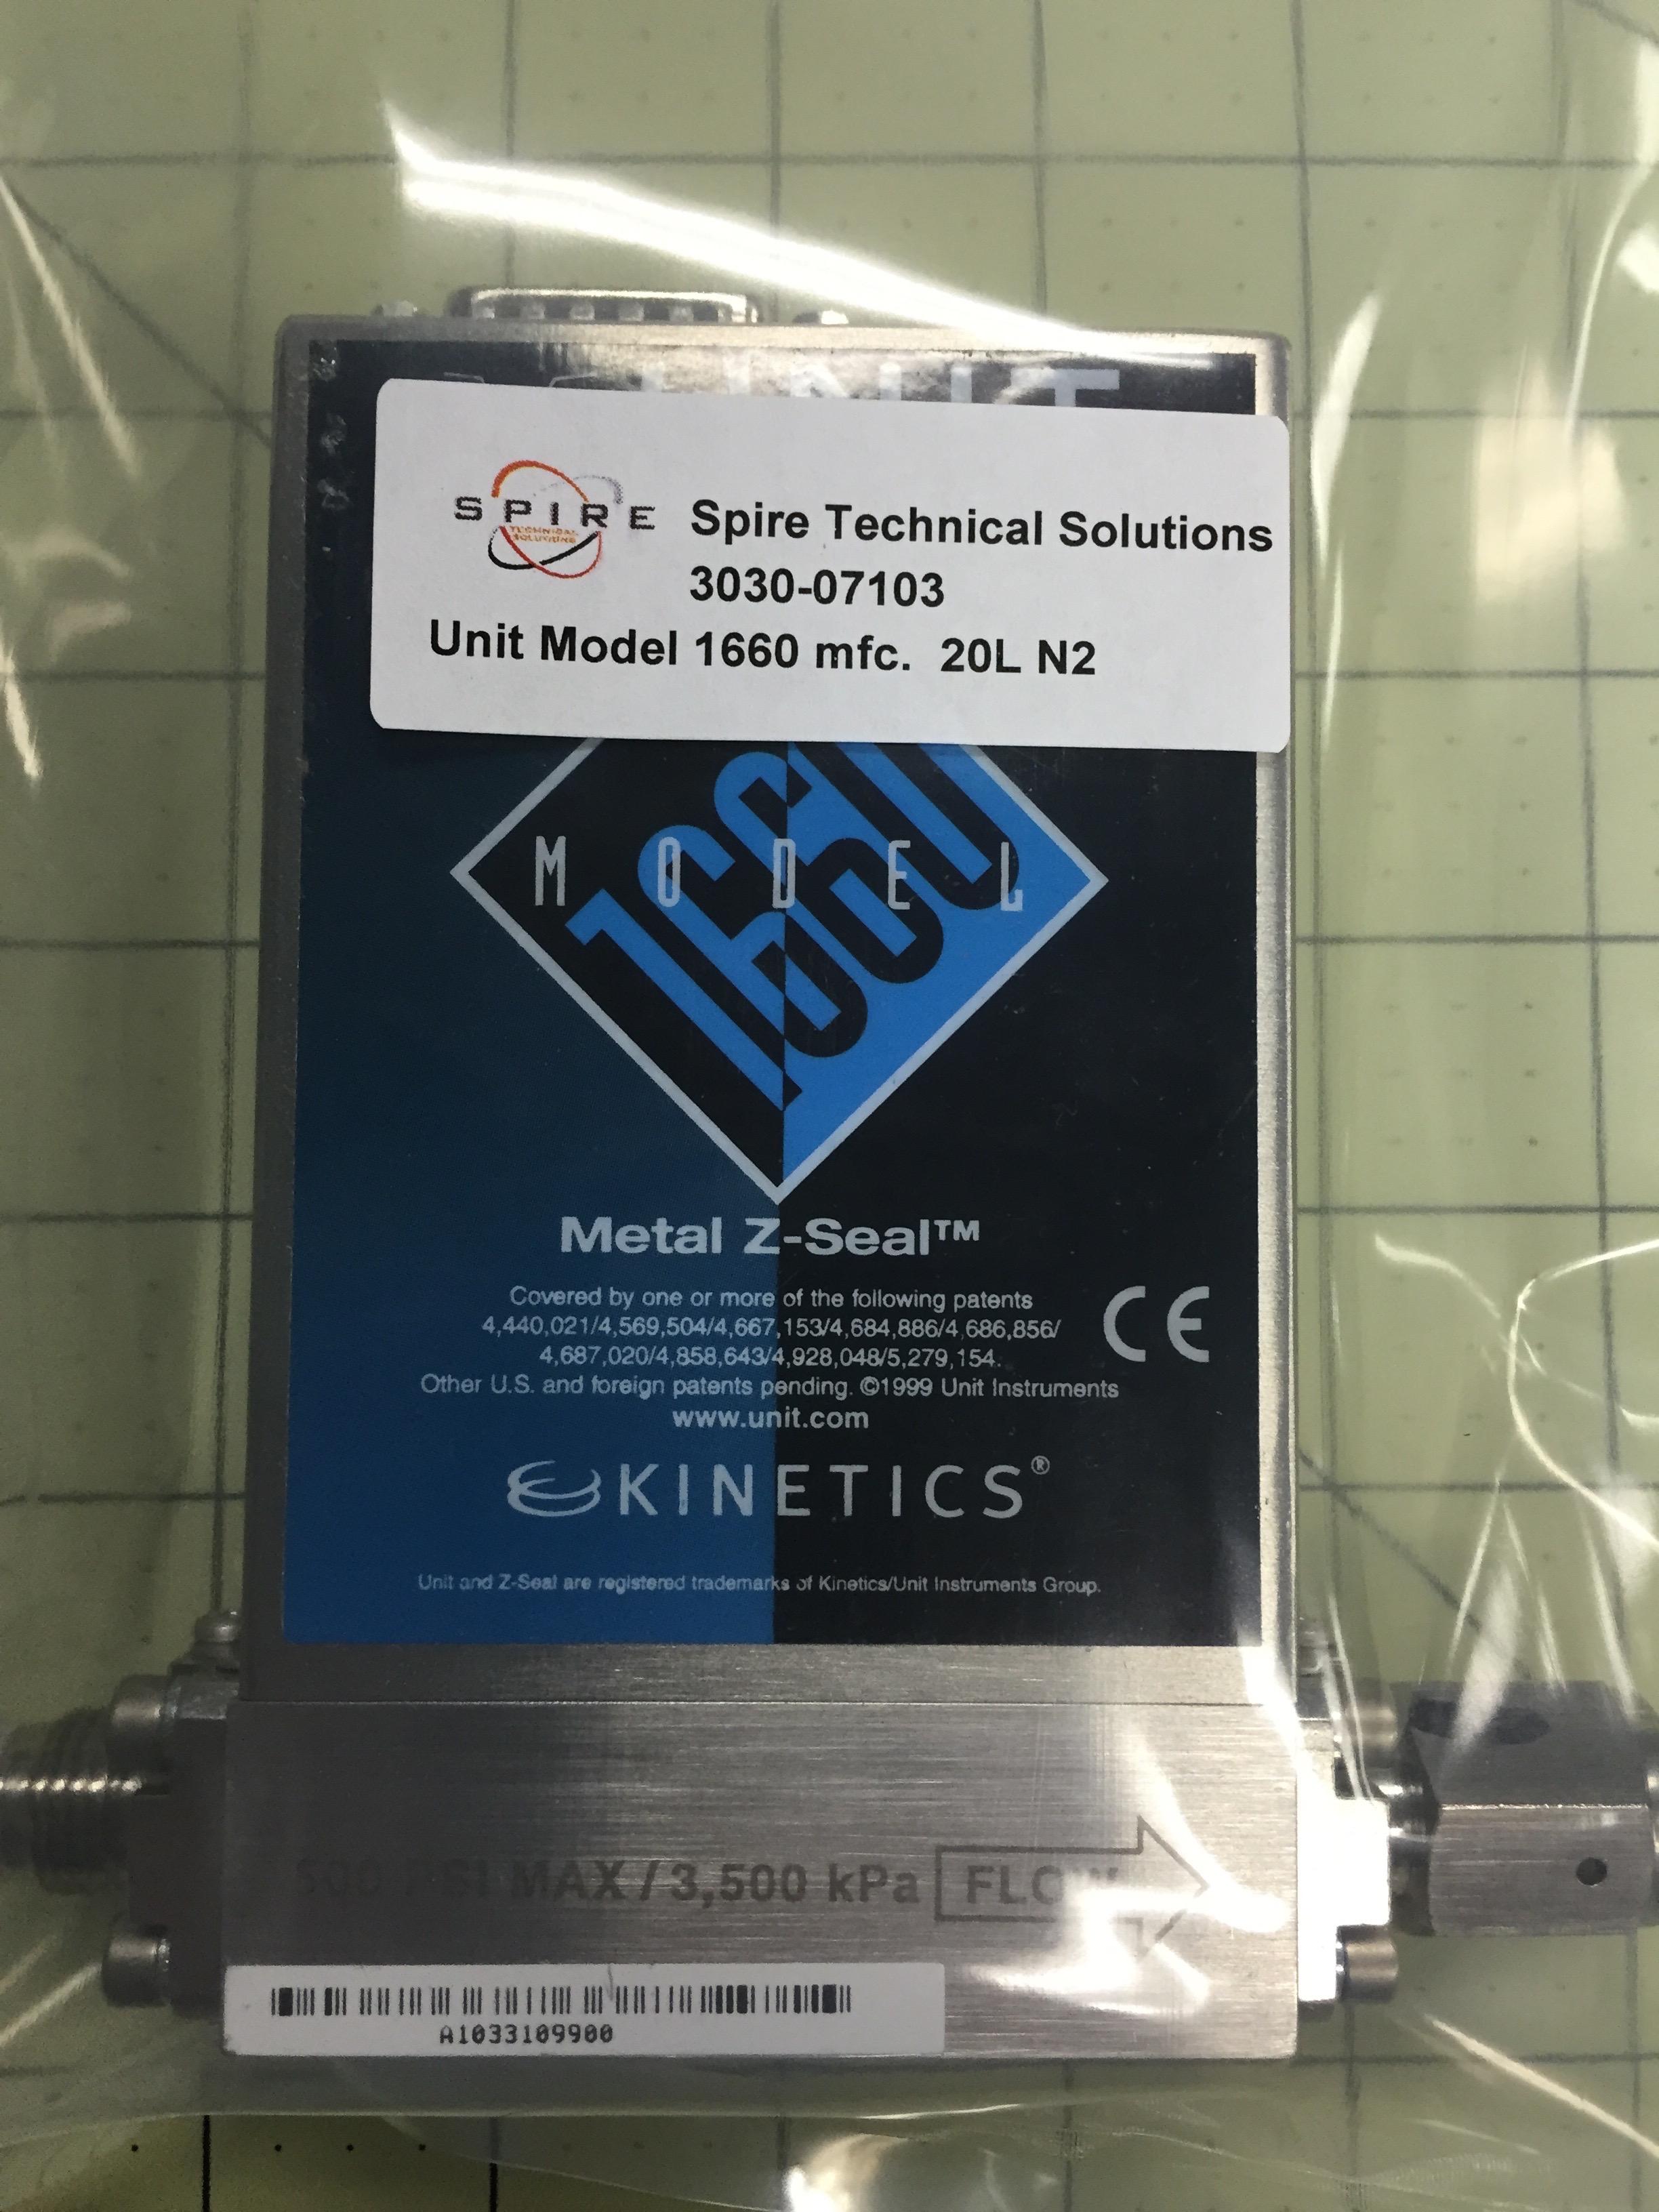 Unit Model 1660 mfc.  20L N2